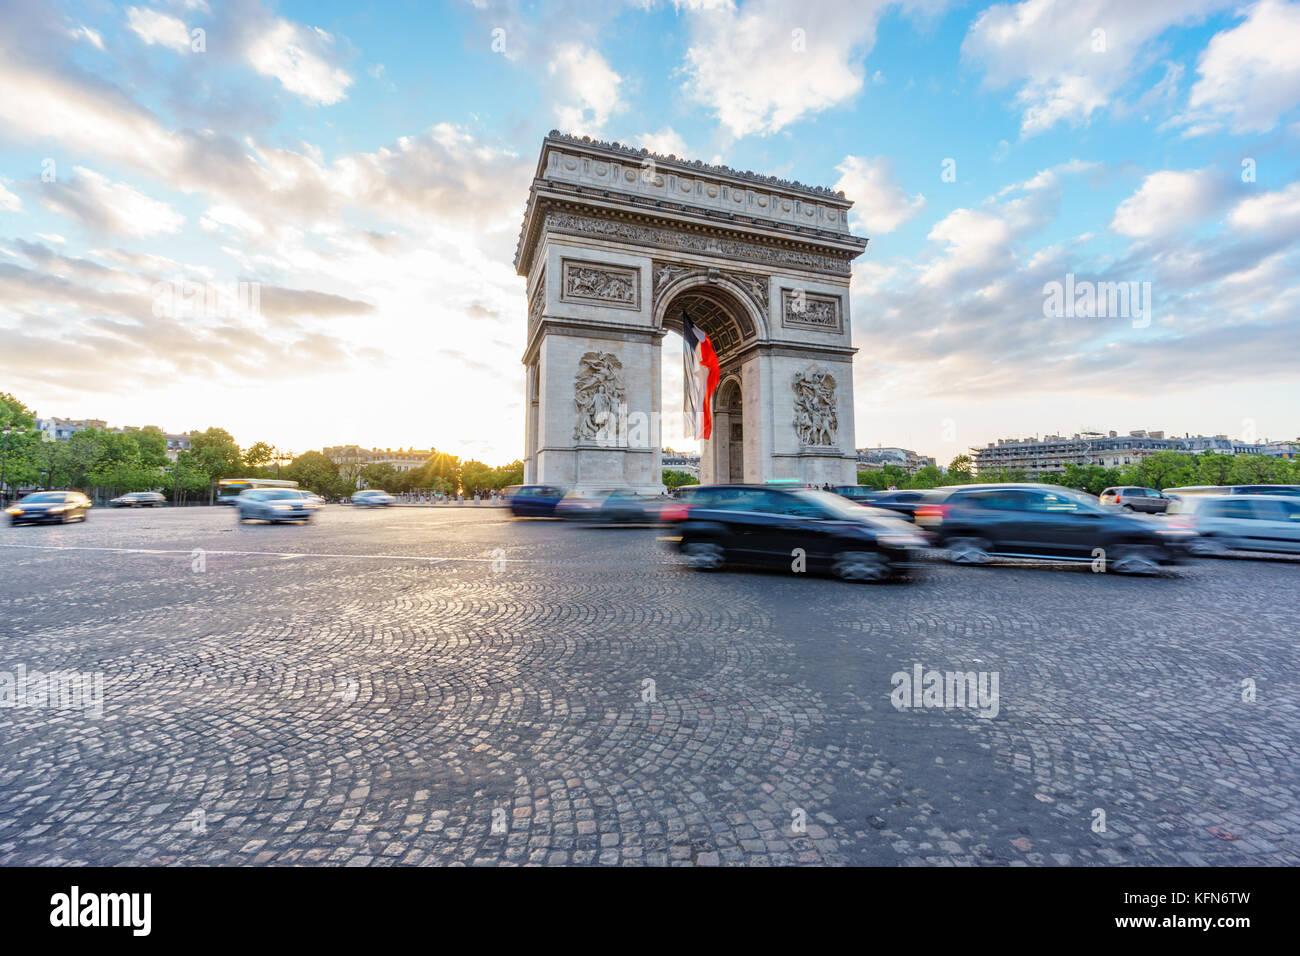 Arc de Triomphe y tráfico borrosa al atardecer, gran angular Imagen De Stock